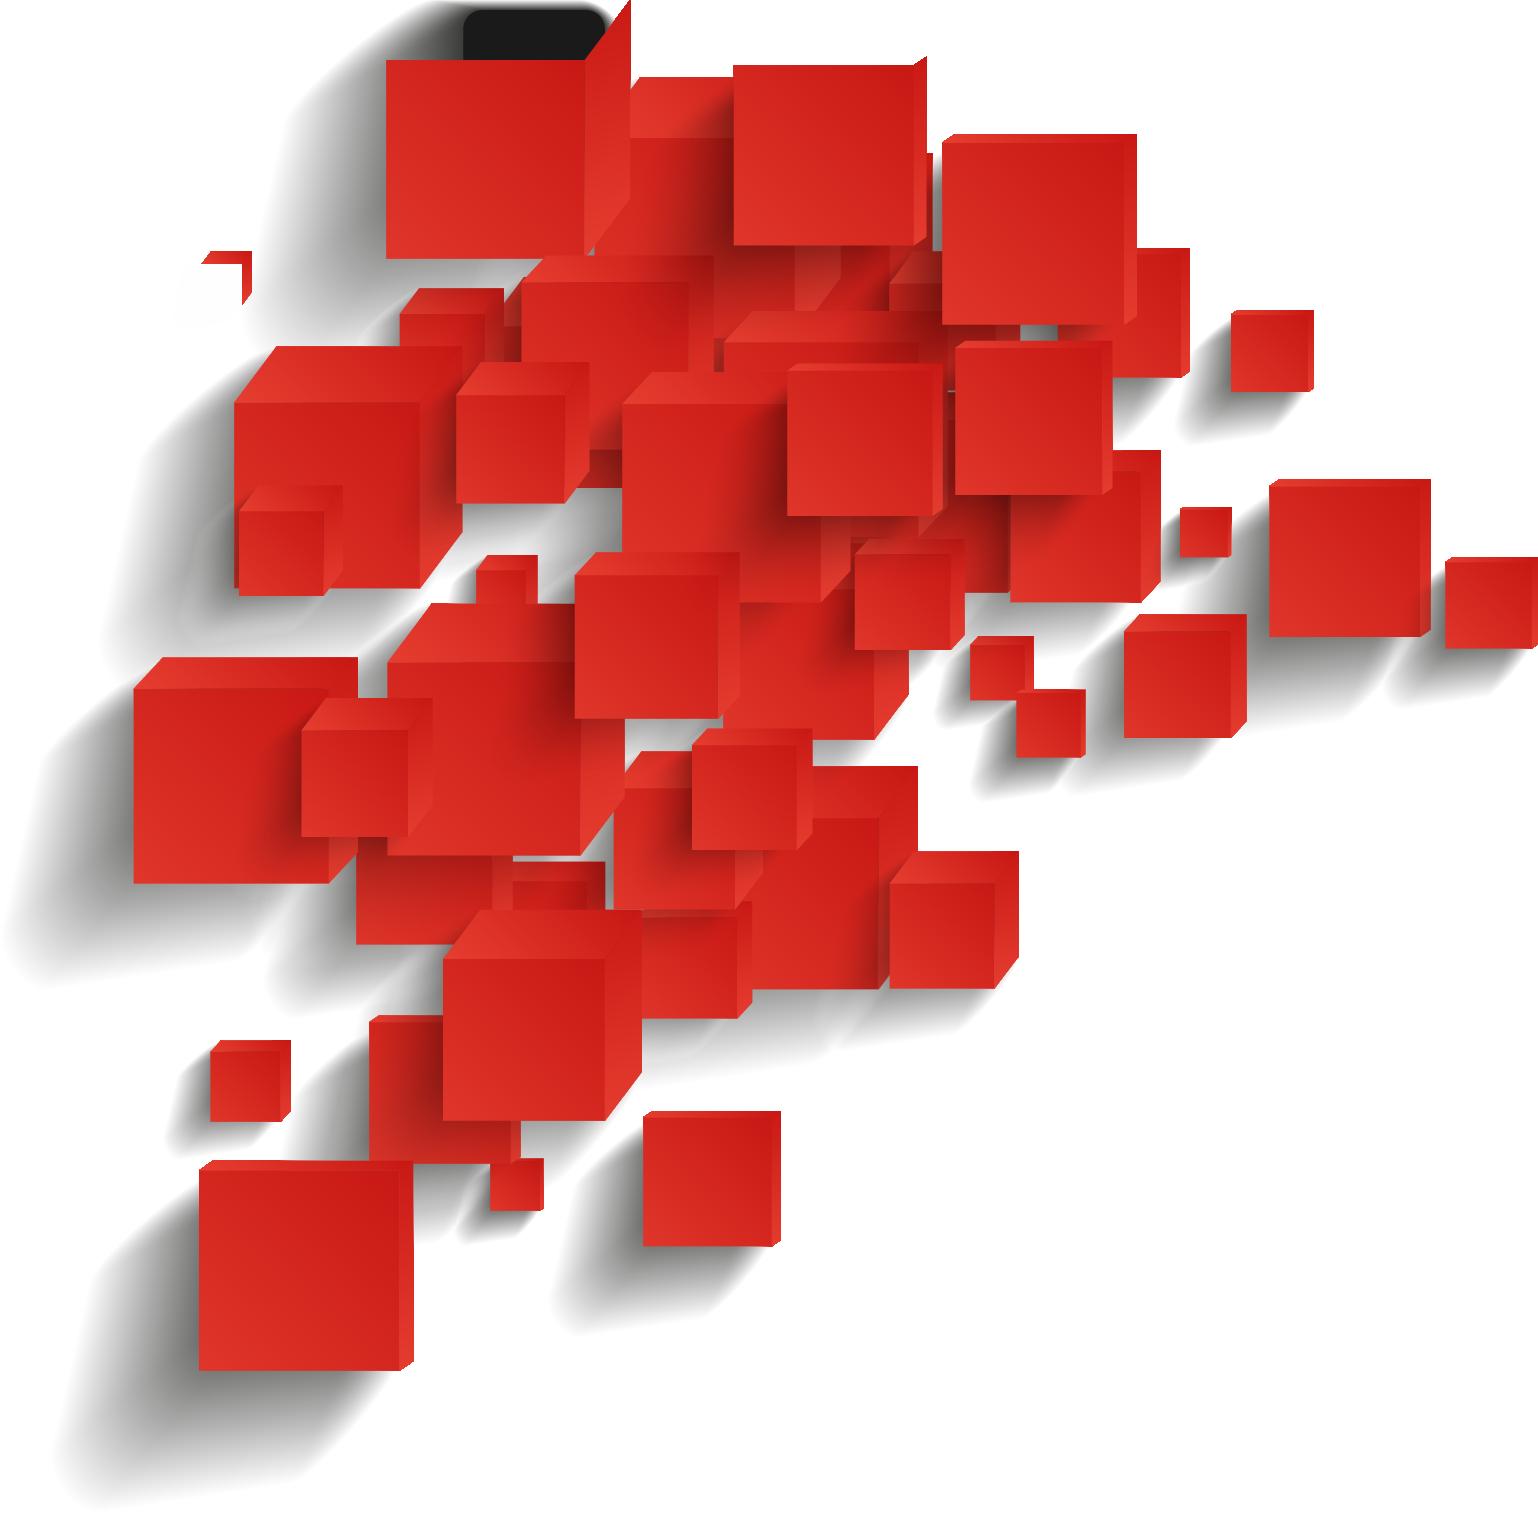 cubi rossi sovrapposti